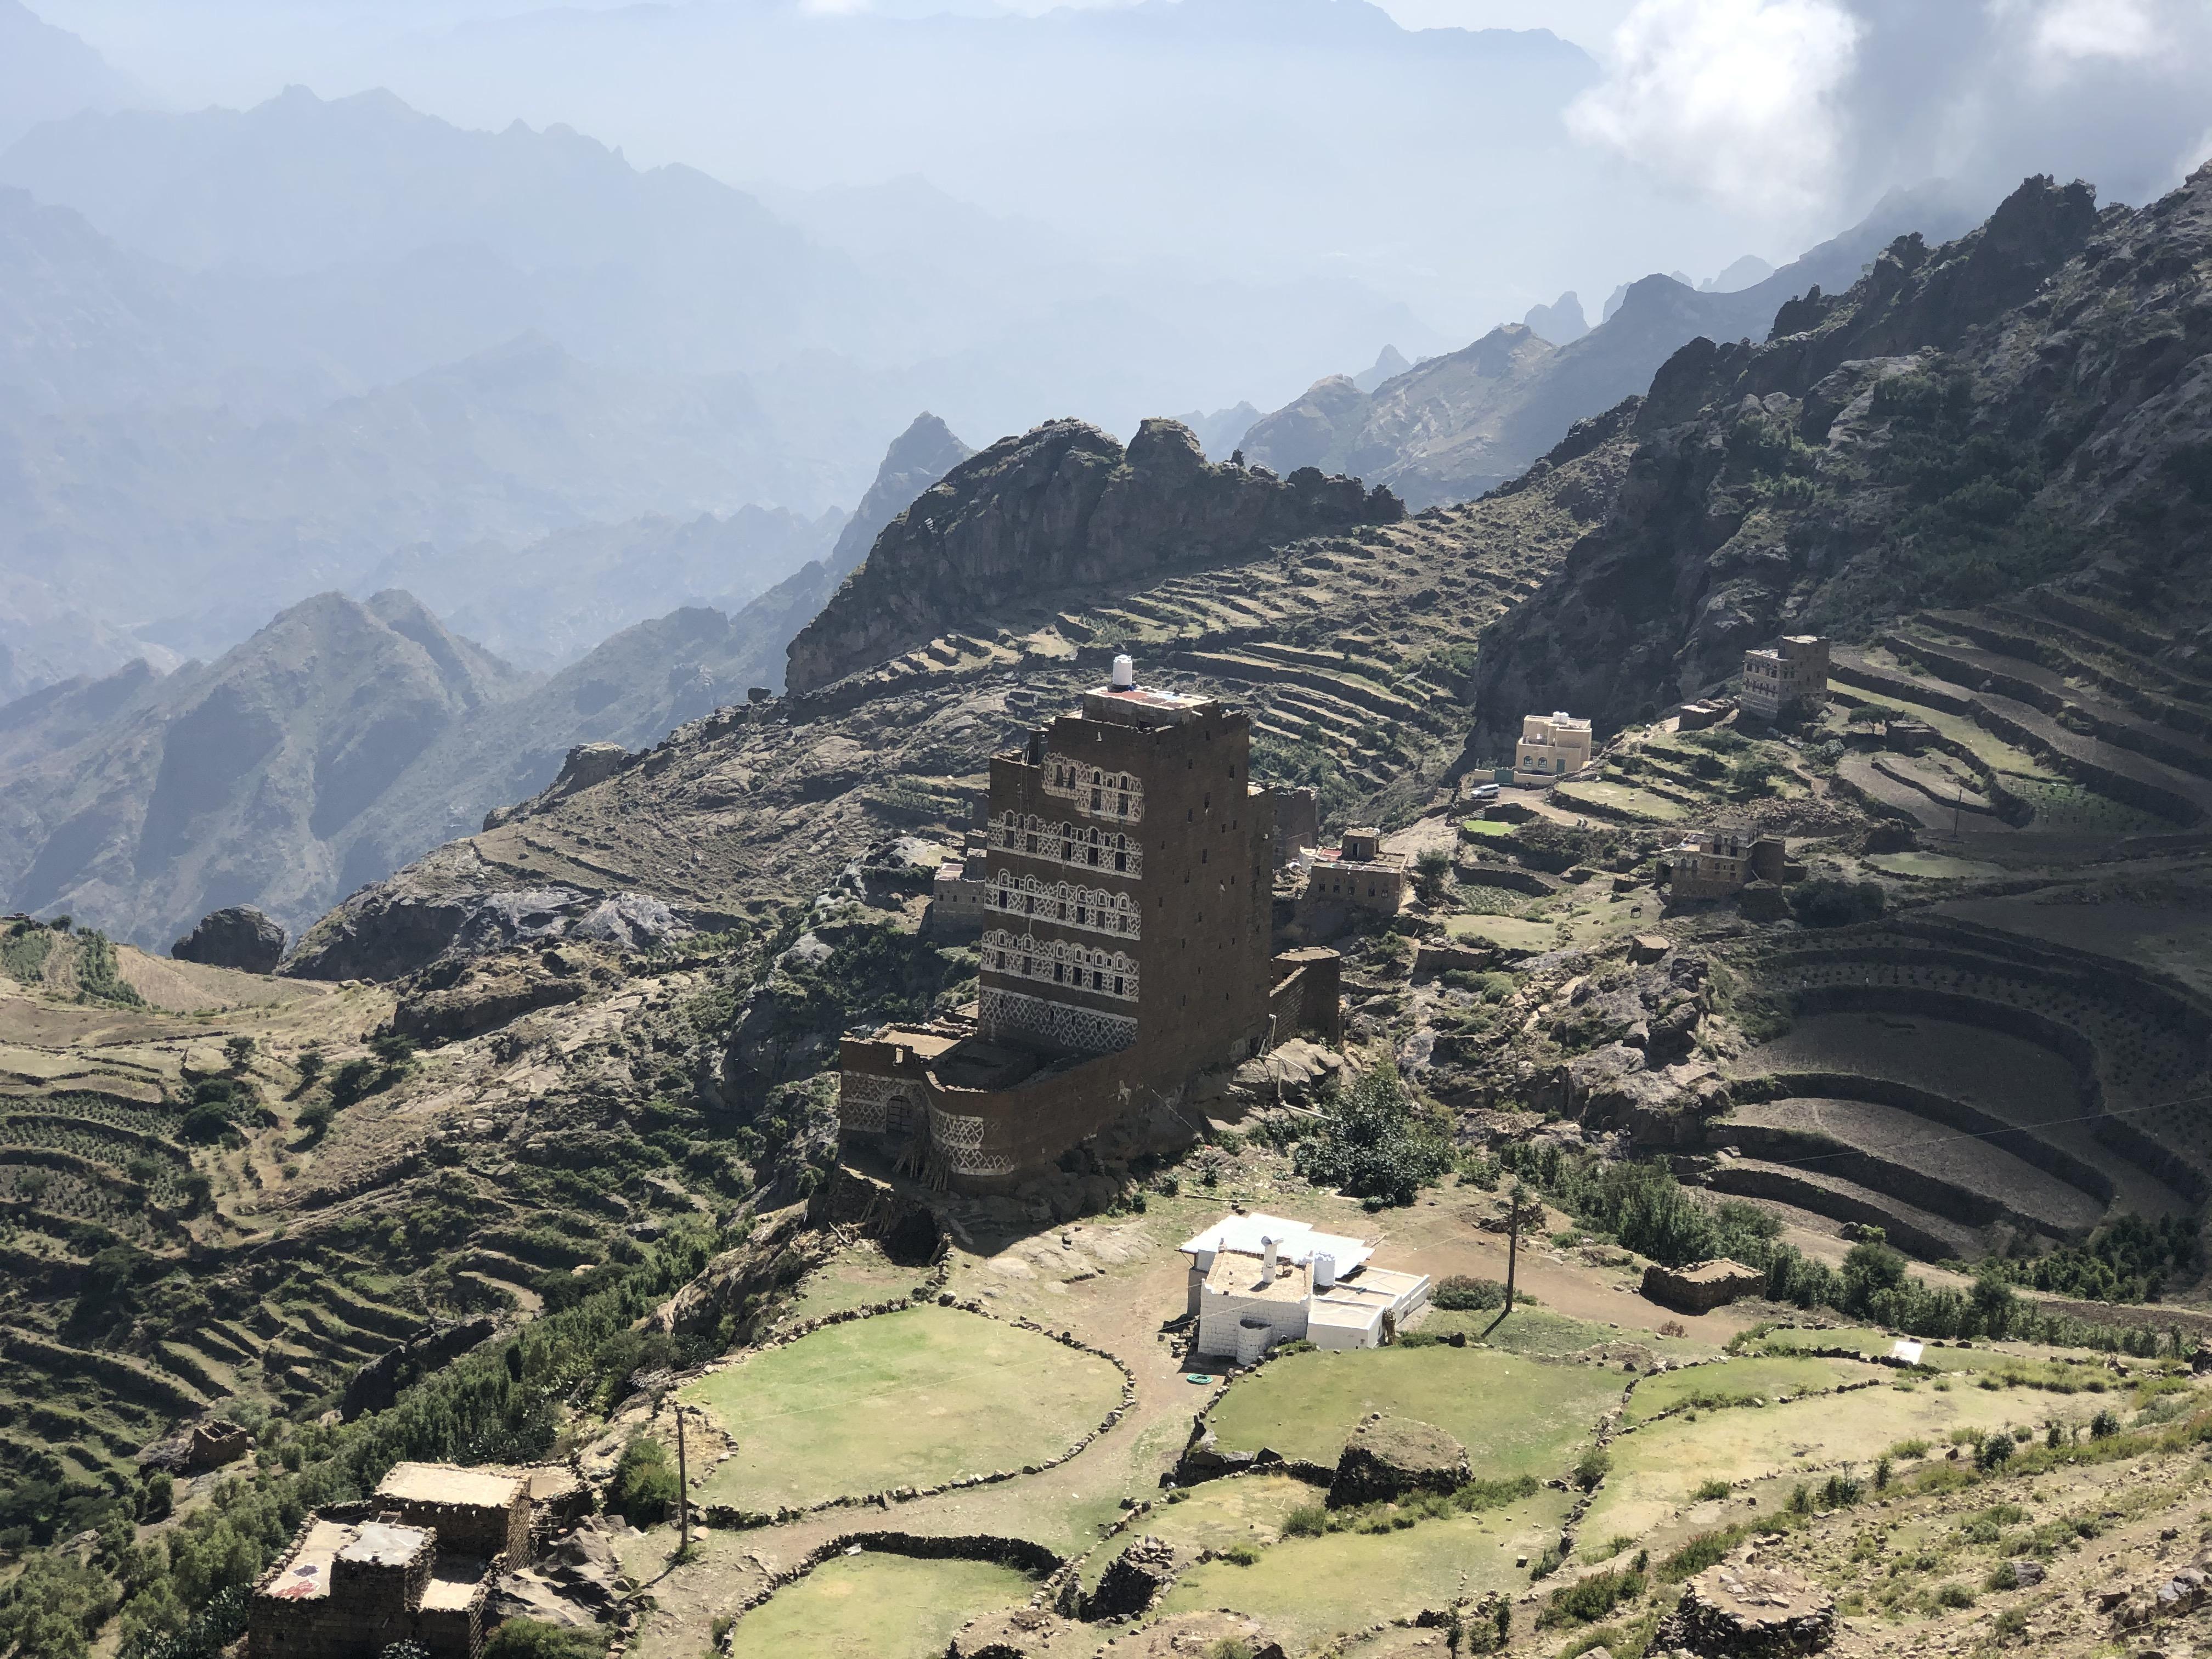 The coffee growing region of Sa'ada in Yemen is unlike anything we've seen before